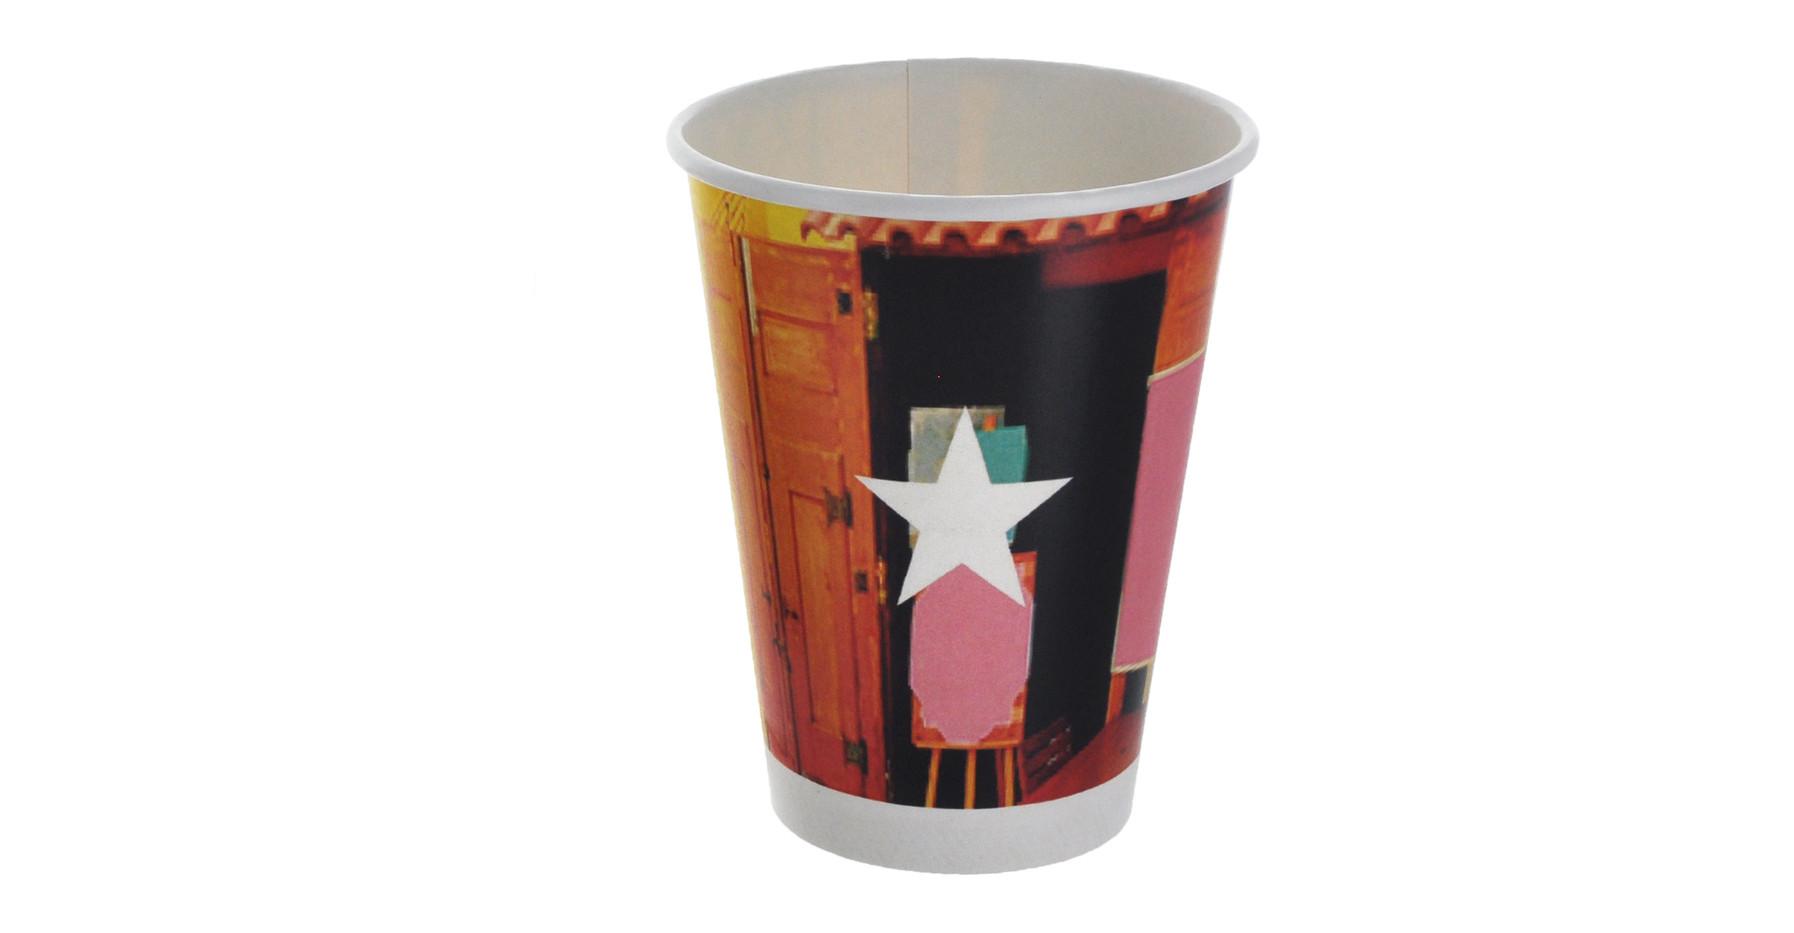 Fairground cups